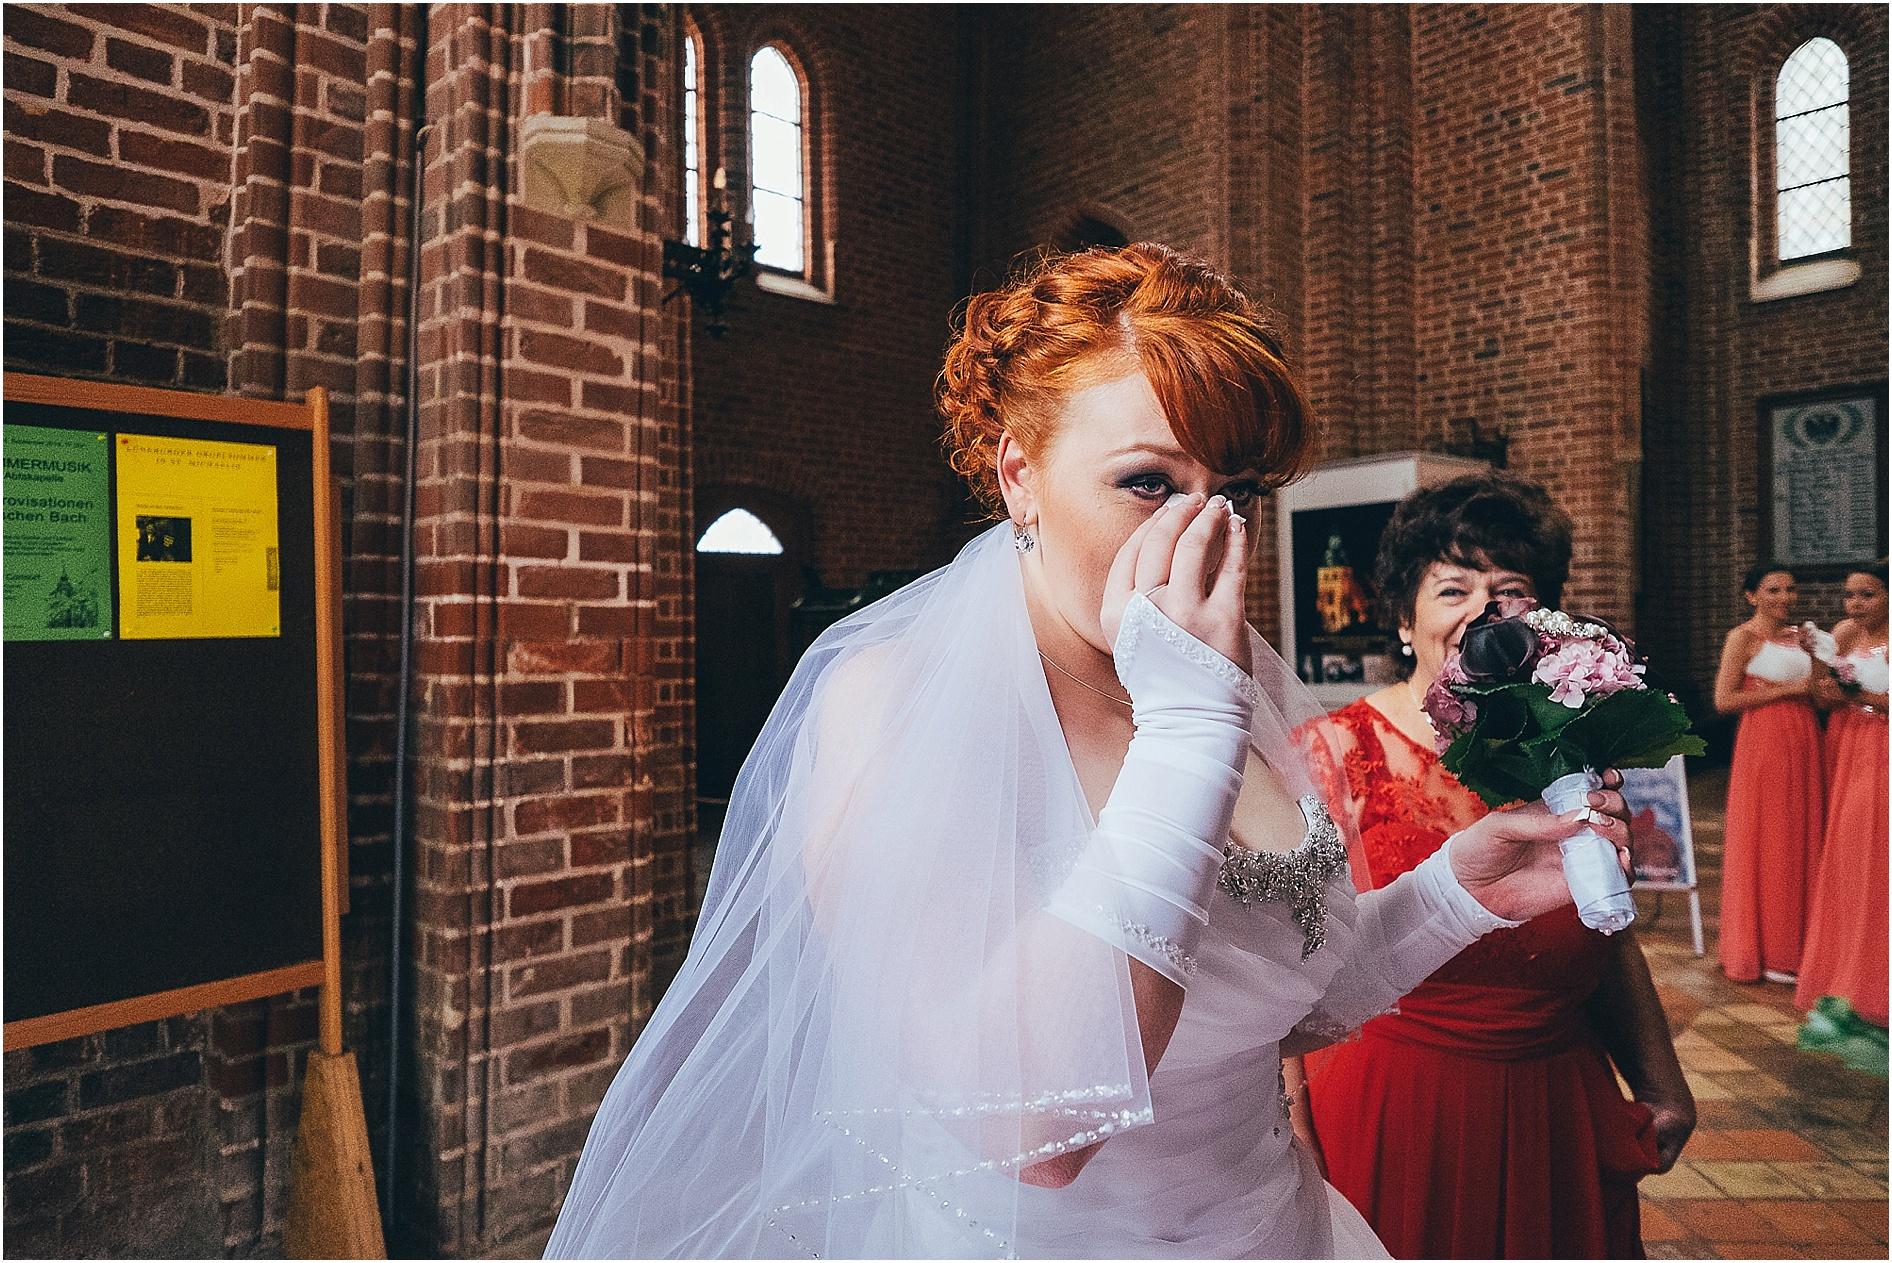 2014-11-20_0029 Lora & Daniel - Als Hochzeitsfotograf in Lüneburg